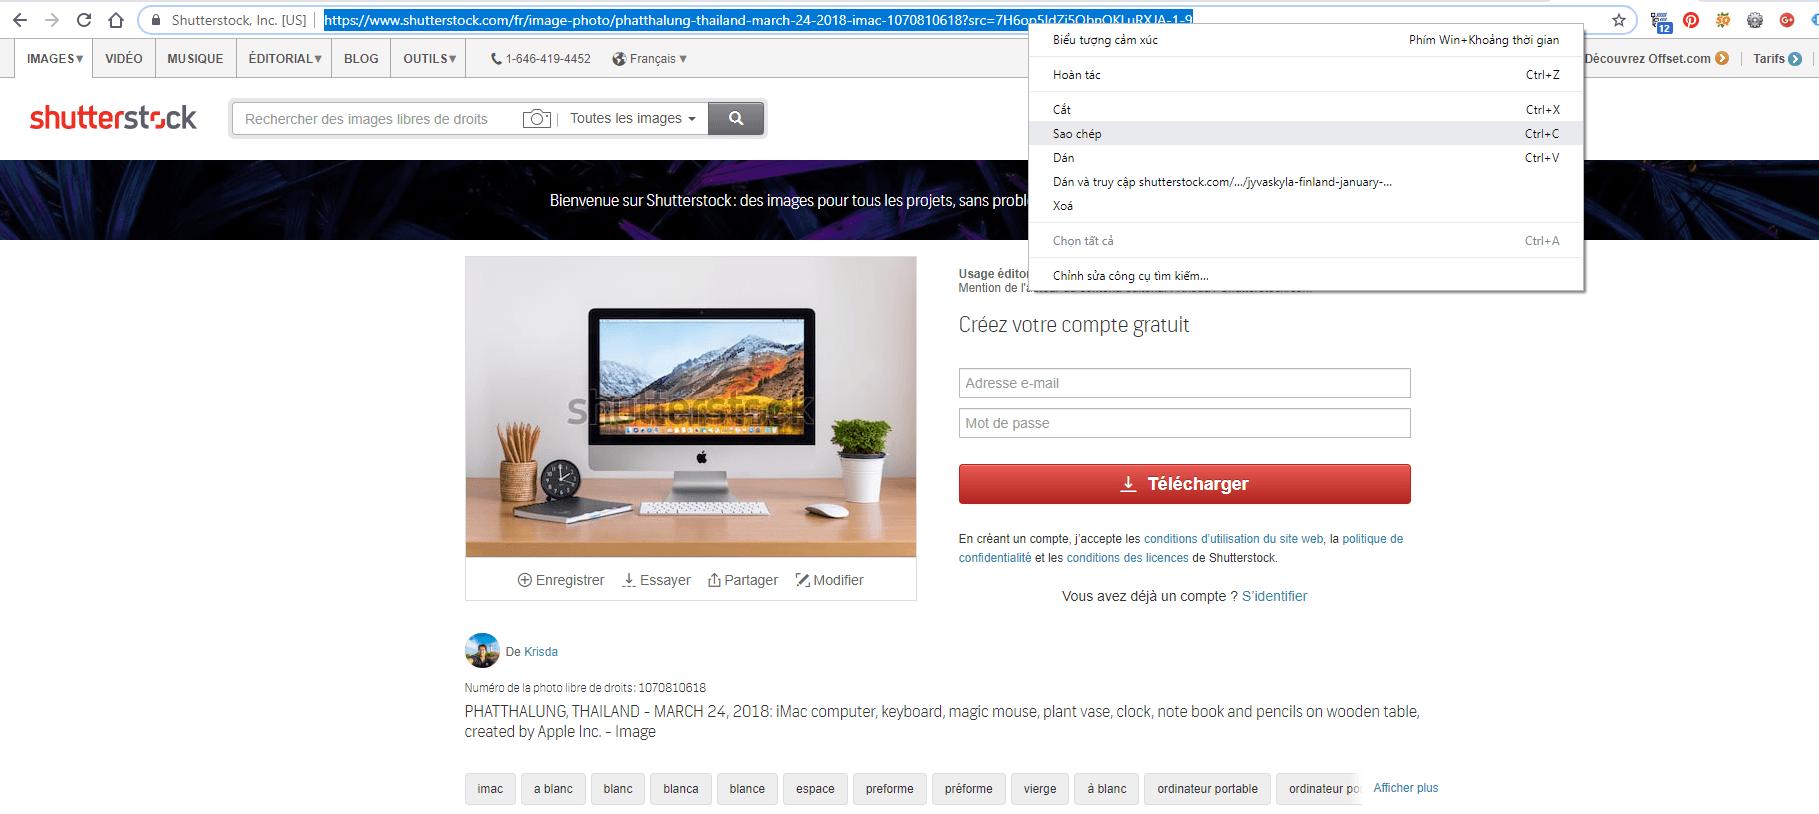 Các cách tải ảnh shutterstock miễn phí, download ảnh shutterstock không dính bản quyền